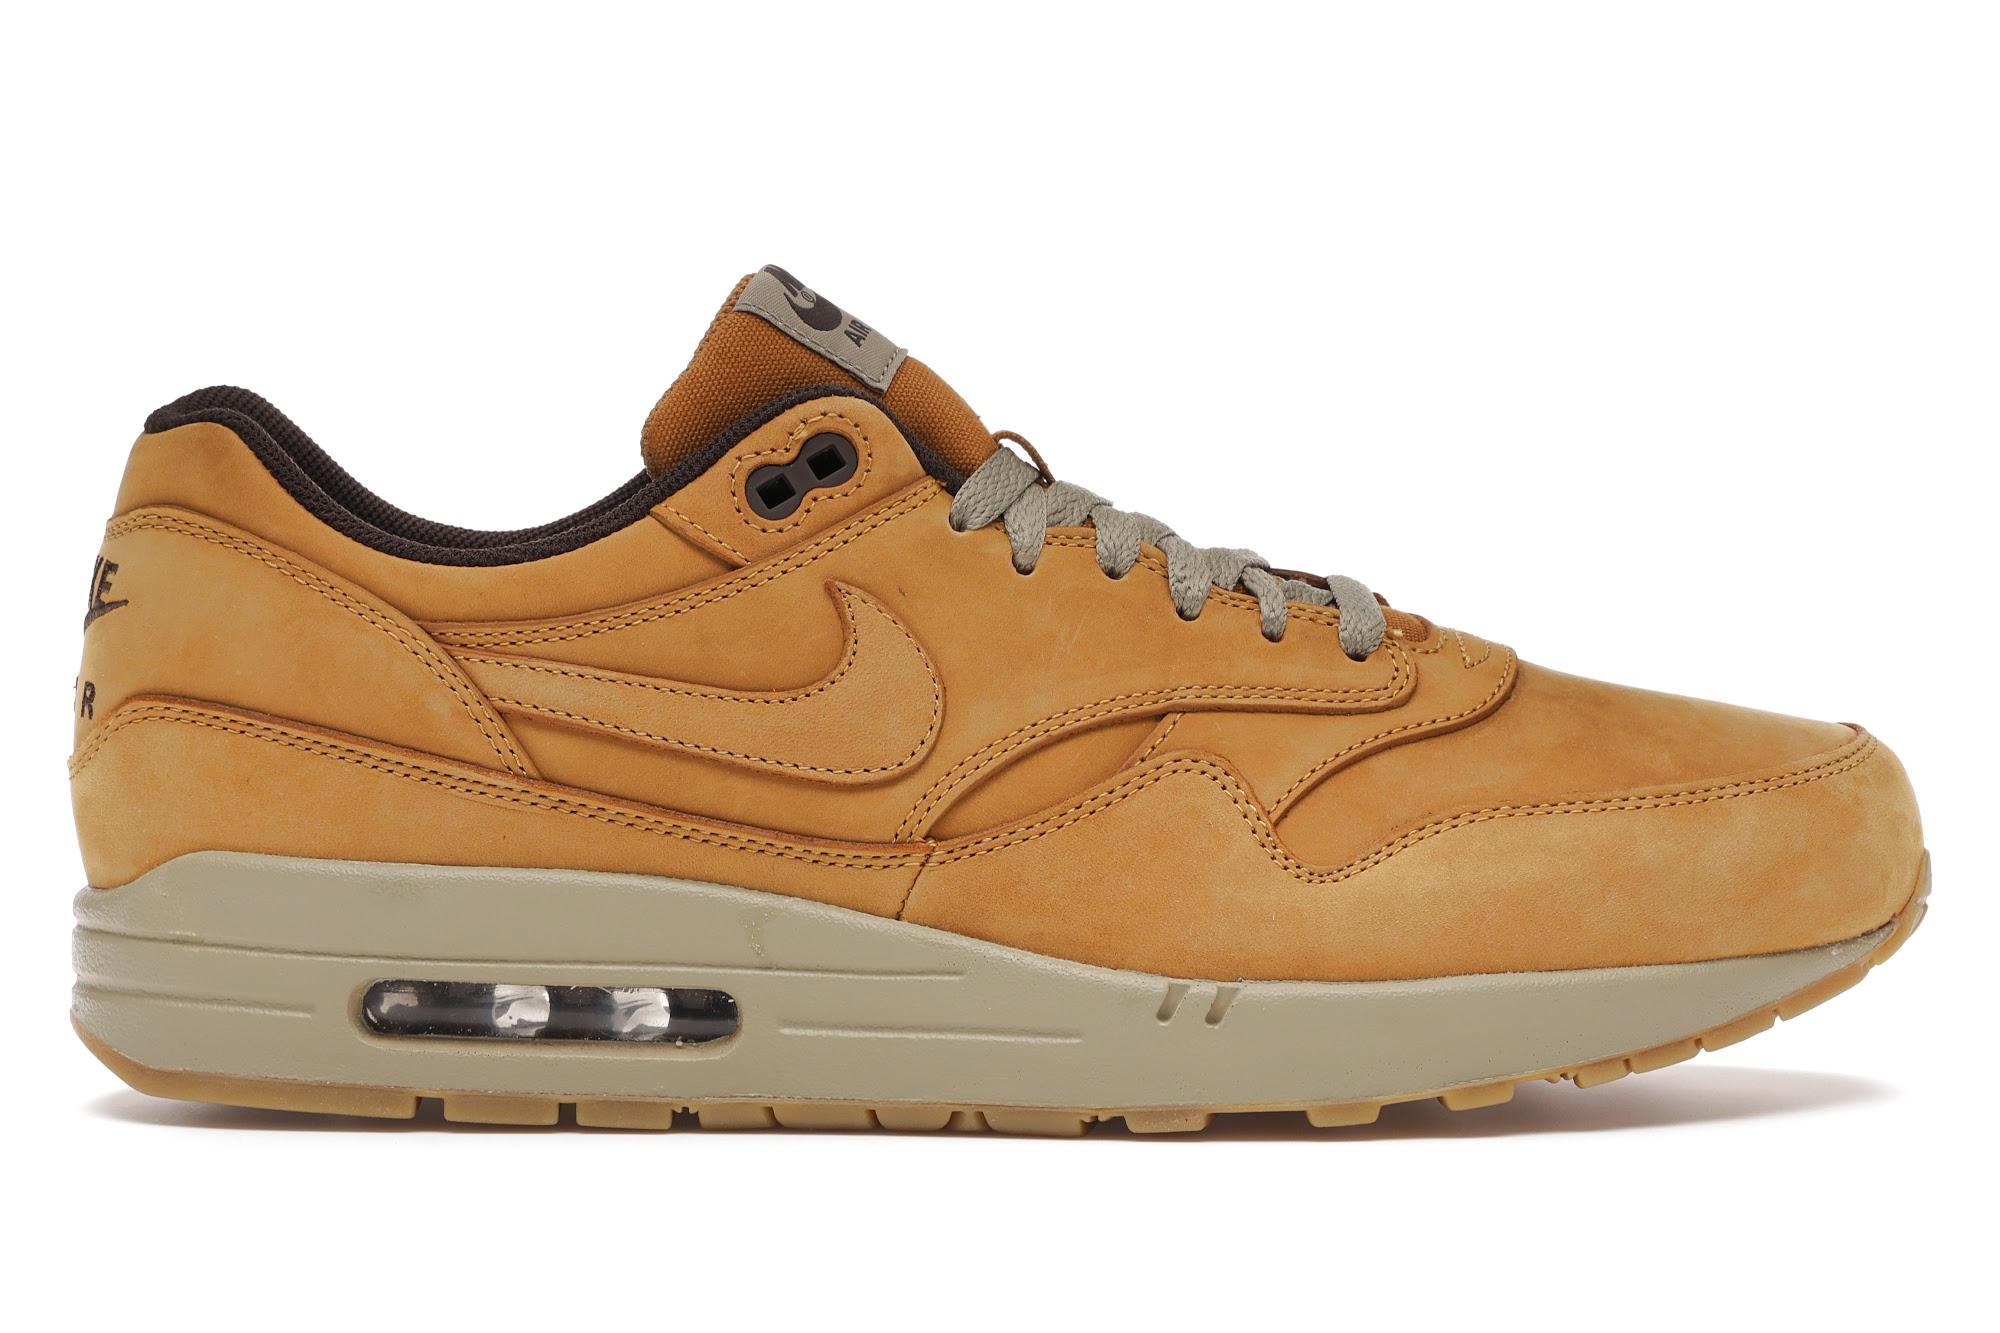 Nike Air Max 1 Wheat Pack (2015) - 705282-700